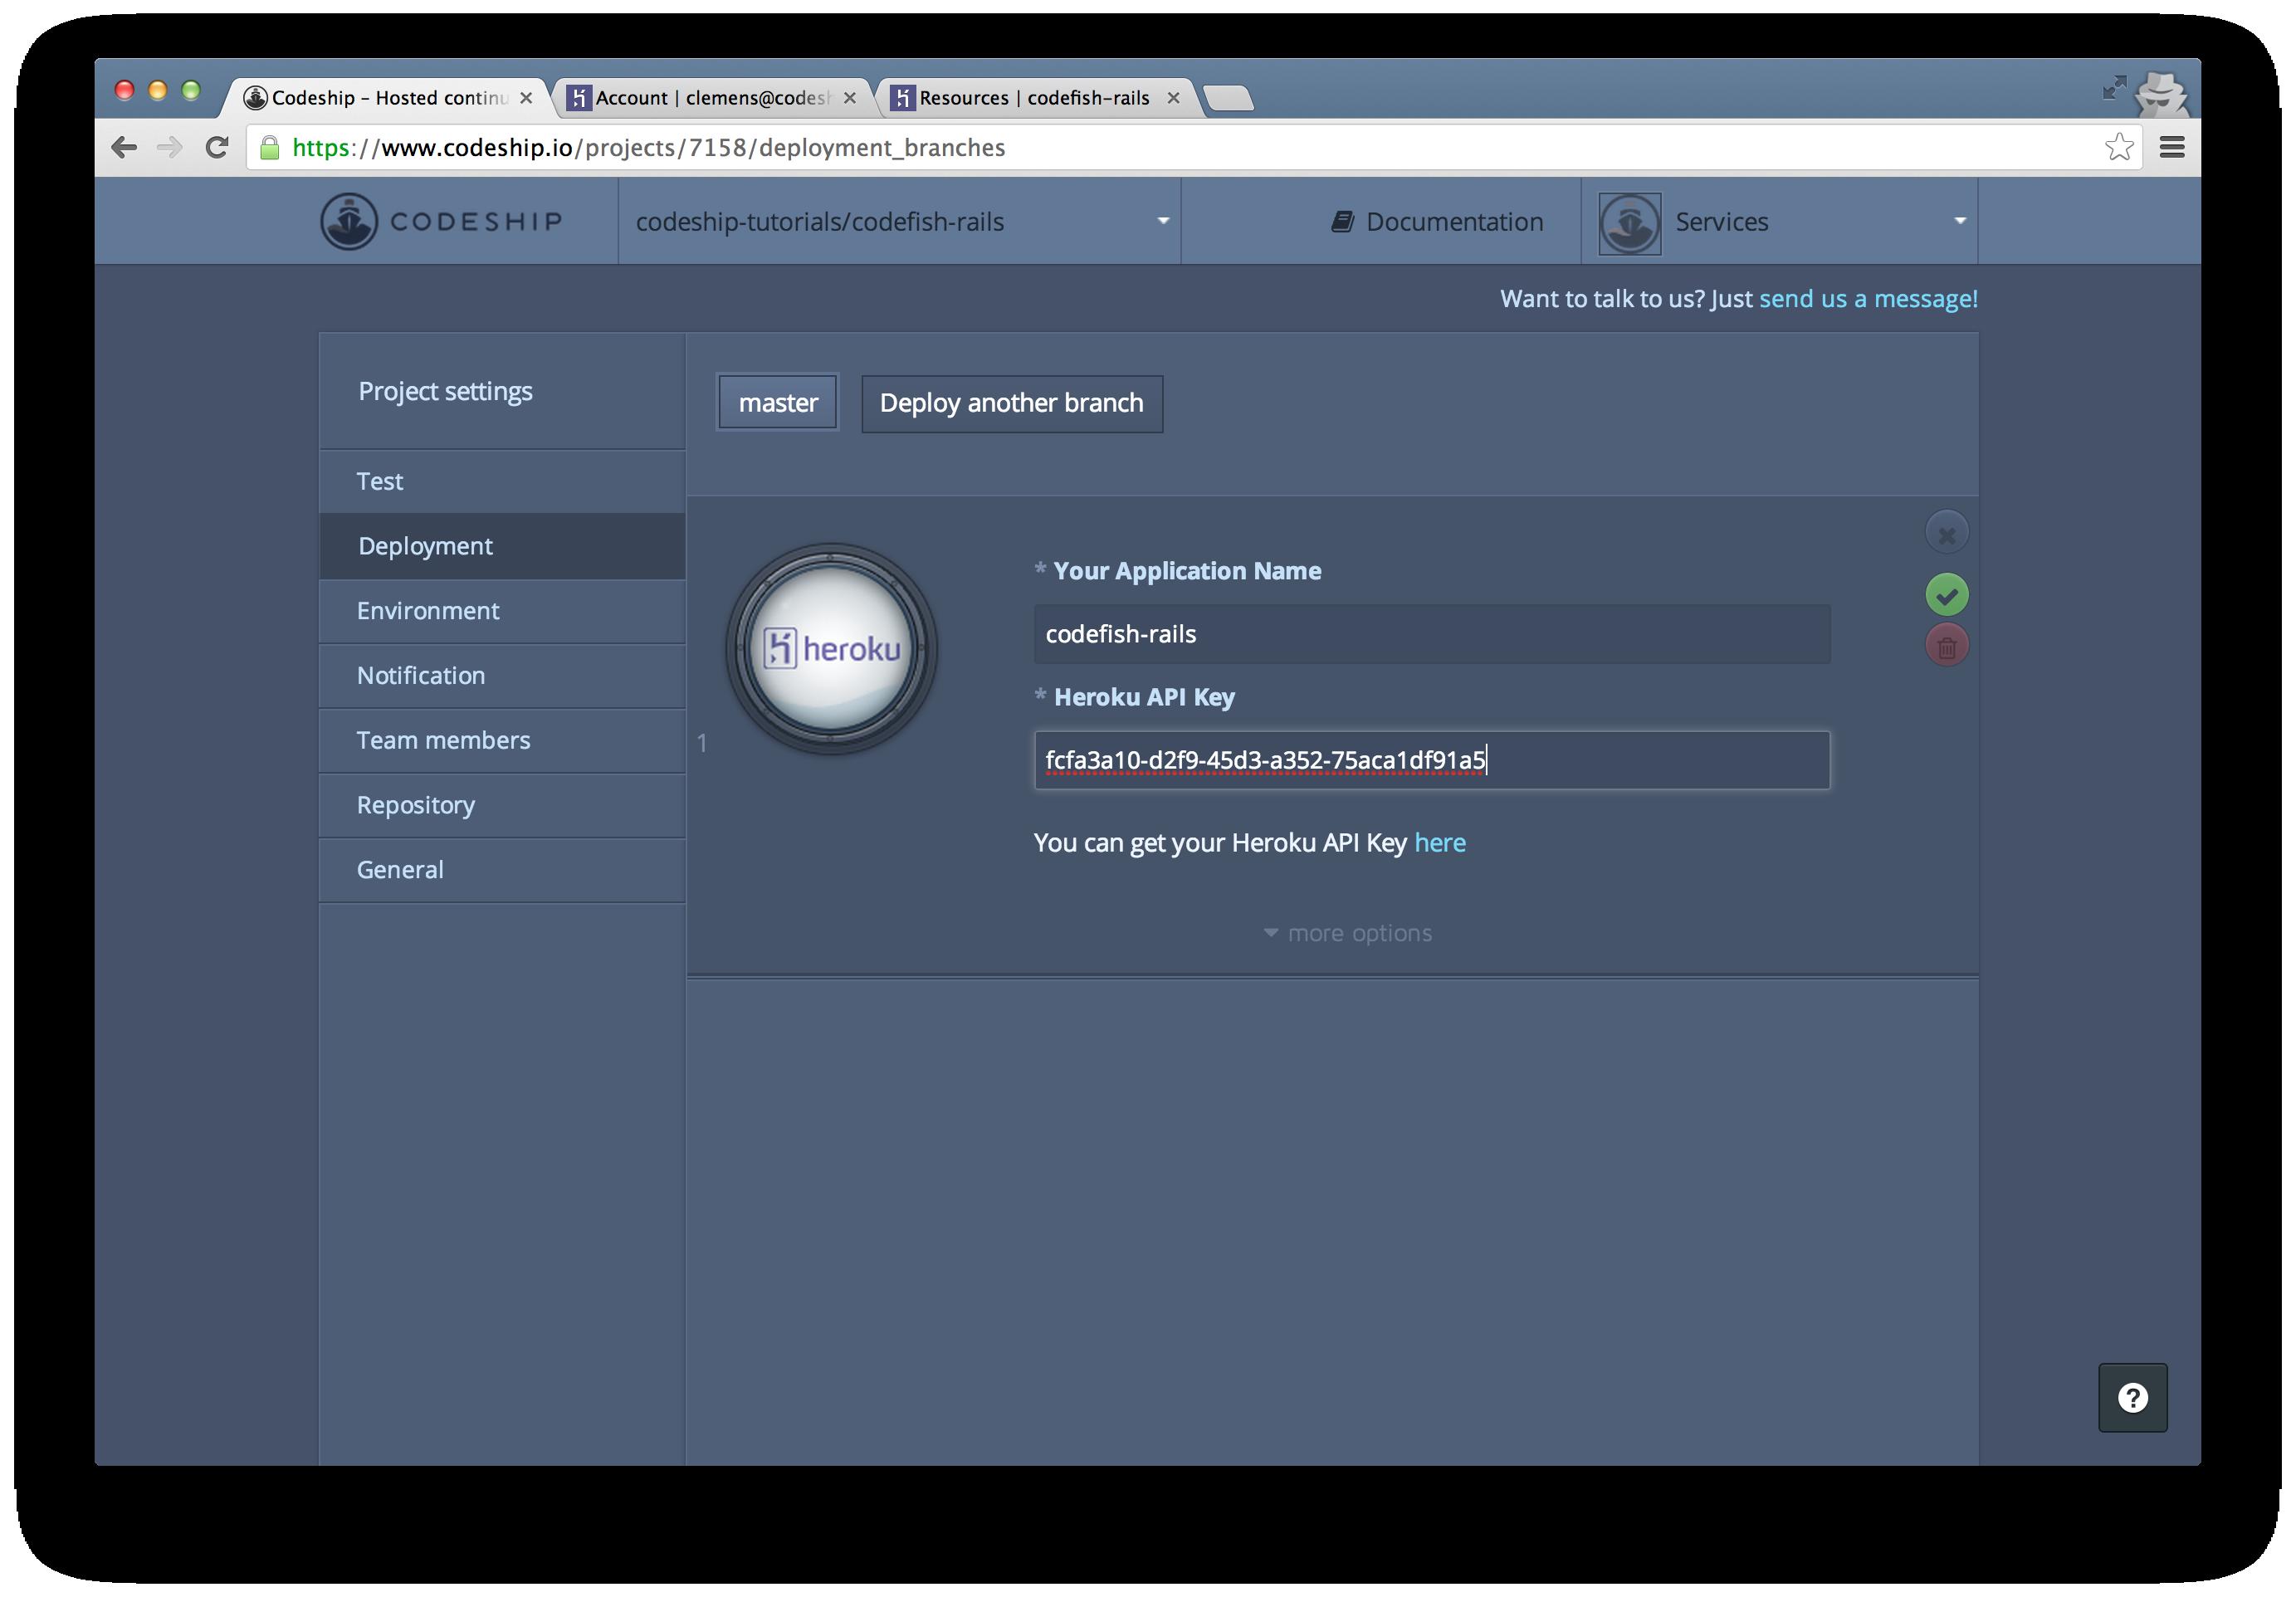 Copy and paste the Heroku API key to the Codeship